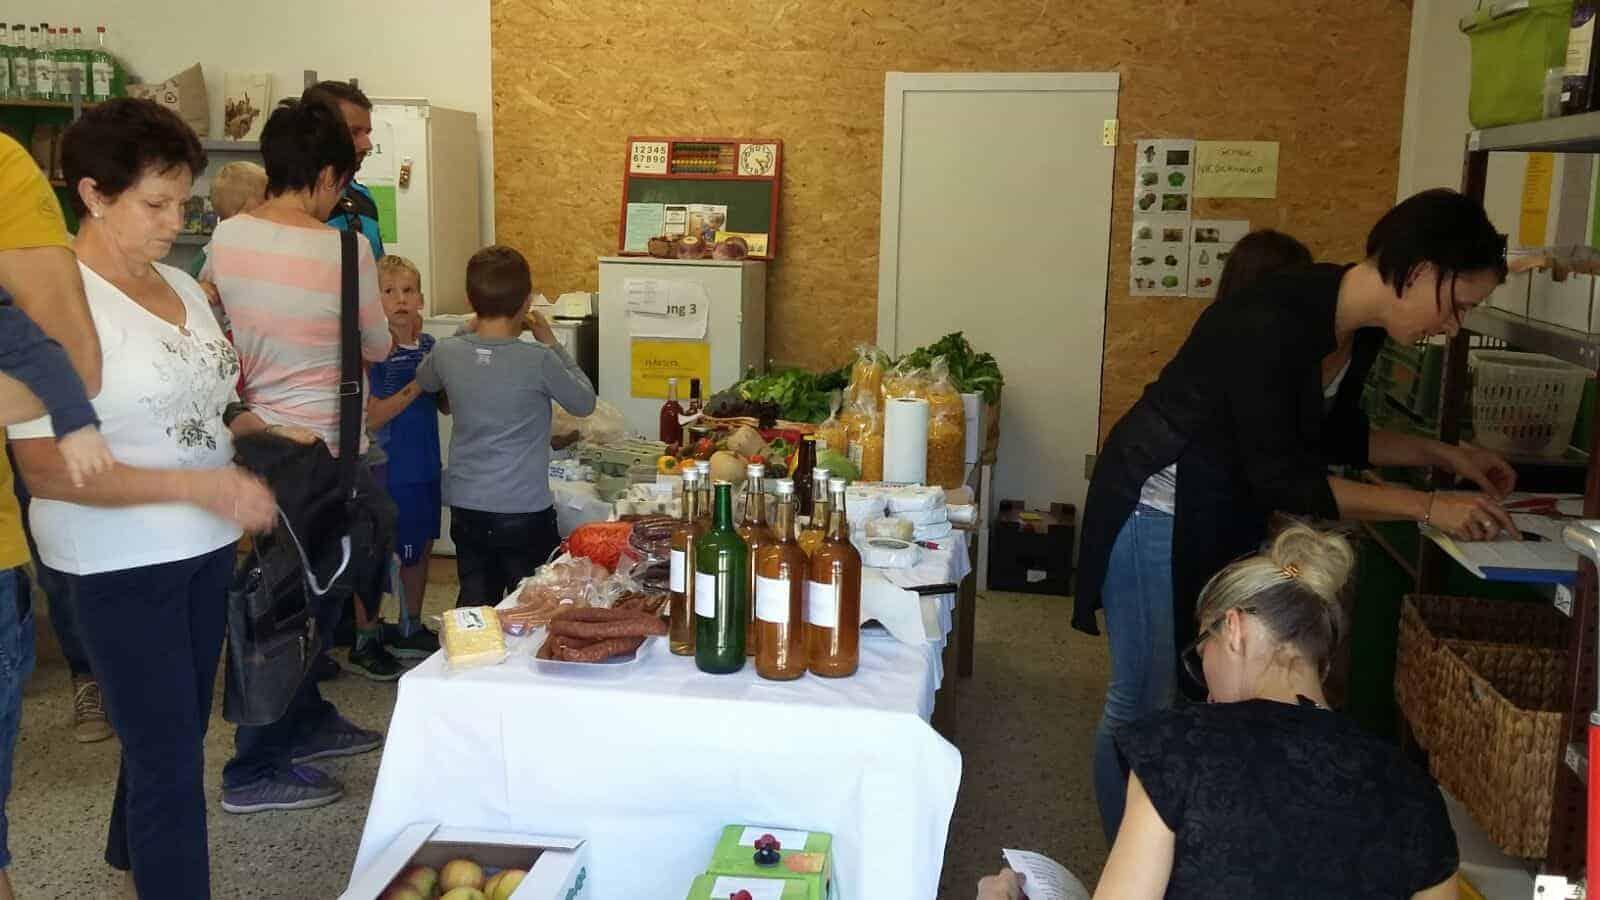 Bauernmarktl Vomperbach - Informier dich! 8